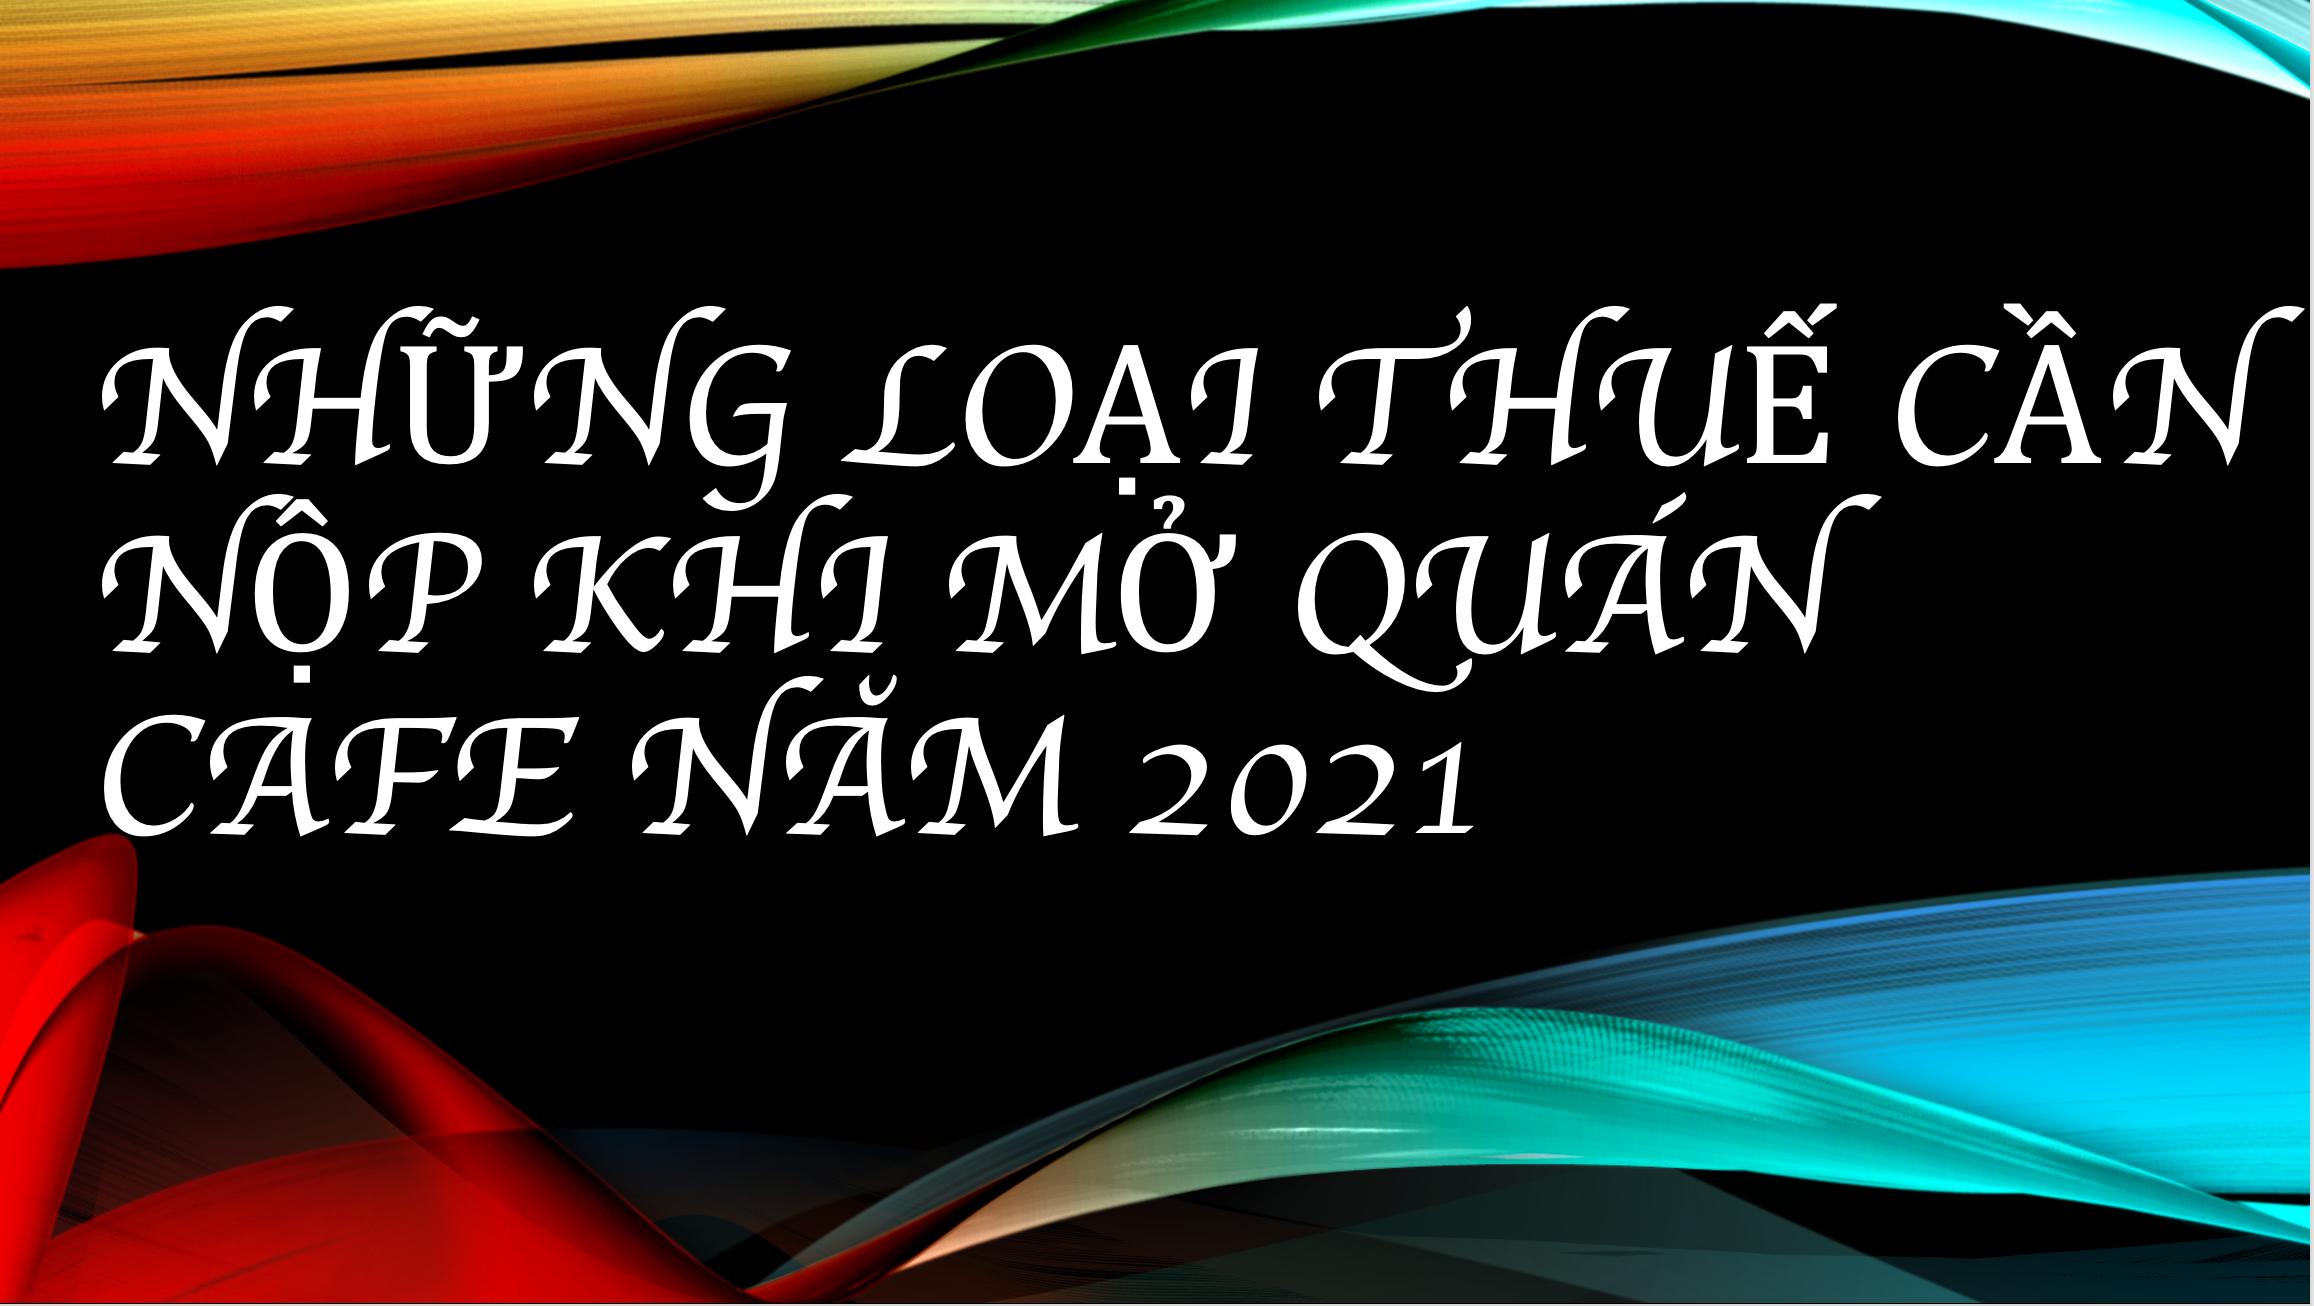 Thue Can Nop Khi Mo Quan Cafe